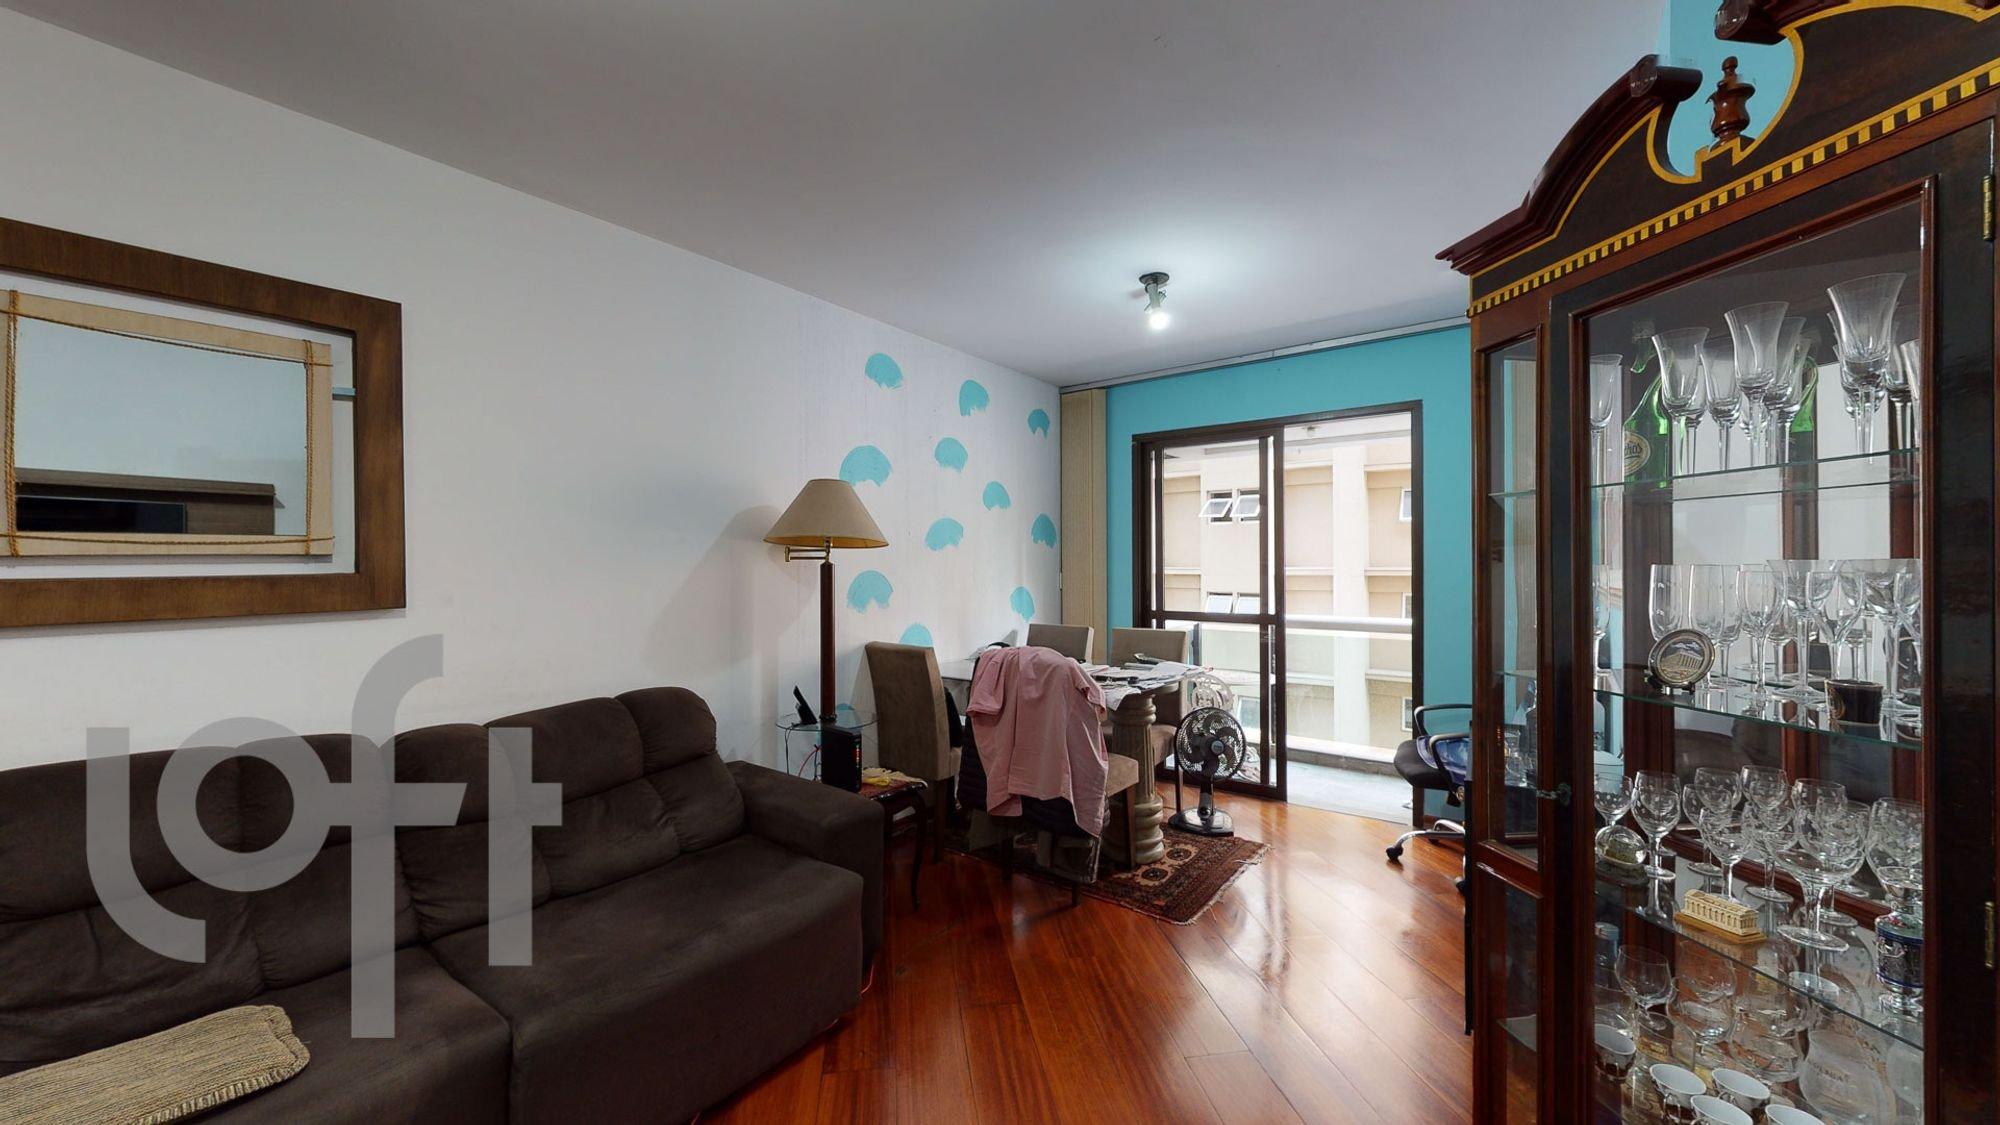 Foto de Sala com copo de vinho, sofá, cadeira